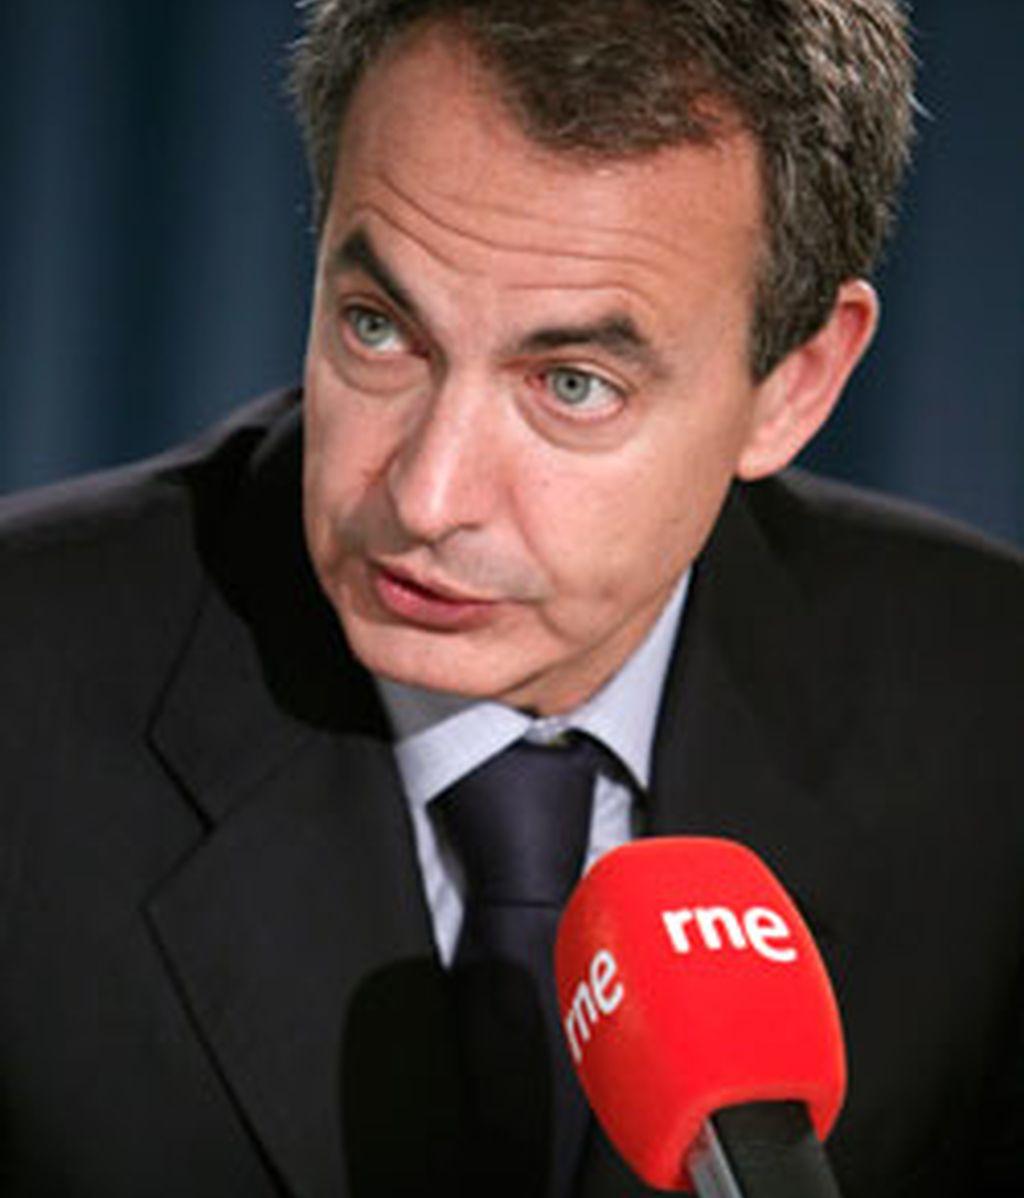 """Rodríguez Zapatero ha reconocido que España tiene ahora una tarea """"muy ambiciosa"""" por delante para recuperar el buen nombre y la comercialización de los productos españoles. FOTO: EFE"""